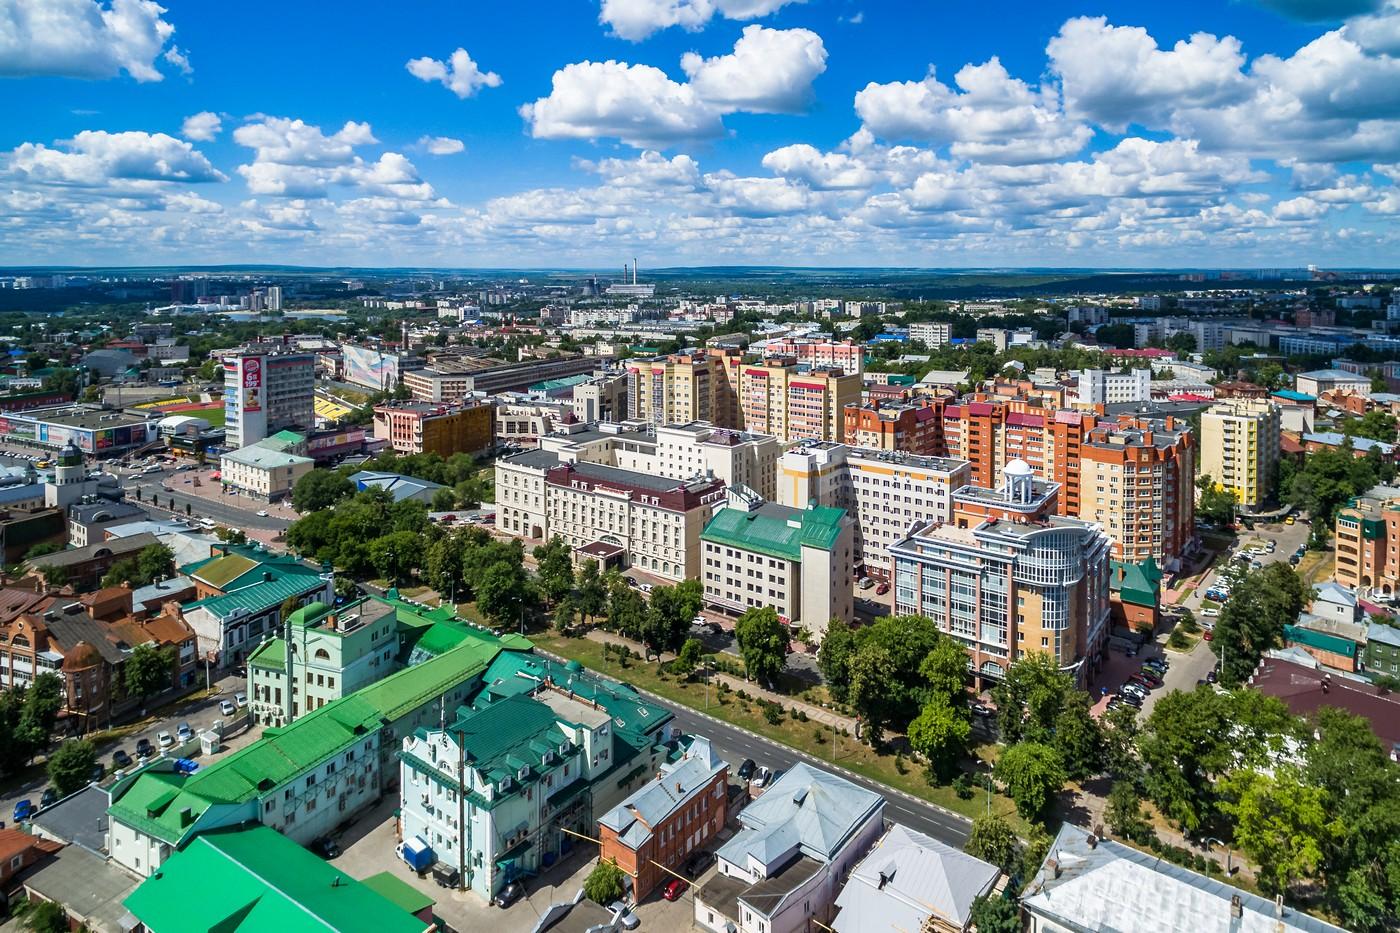 Ульяновск с высоты. Ленинский район(Центр). Июль 2018. город как на ладони